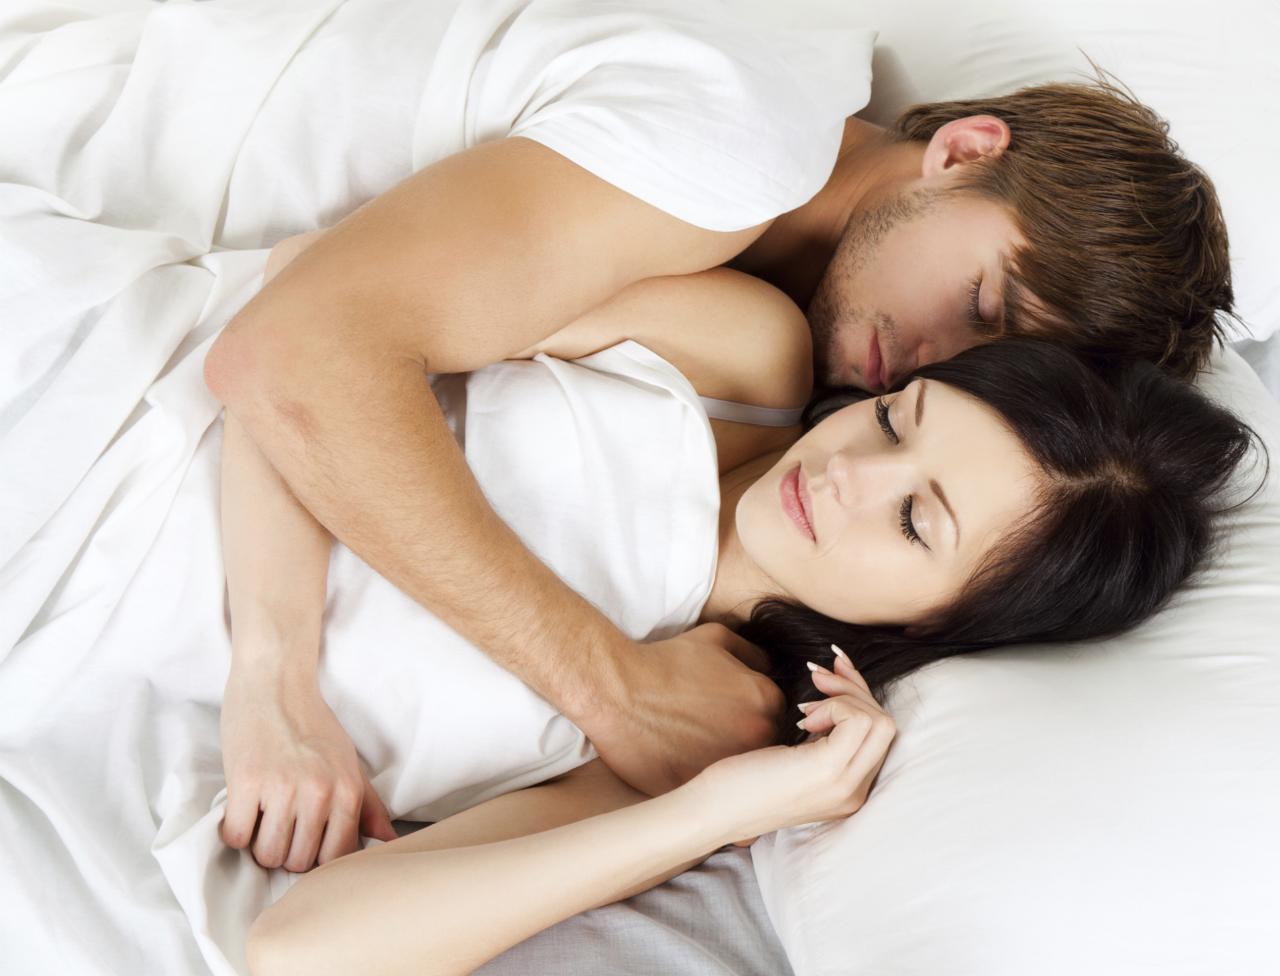 Секс в троём мужчина мужчина и женщина позы, Гид по сексу втроём: Как его организовать, чтобы всем 20 фотография